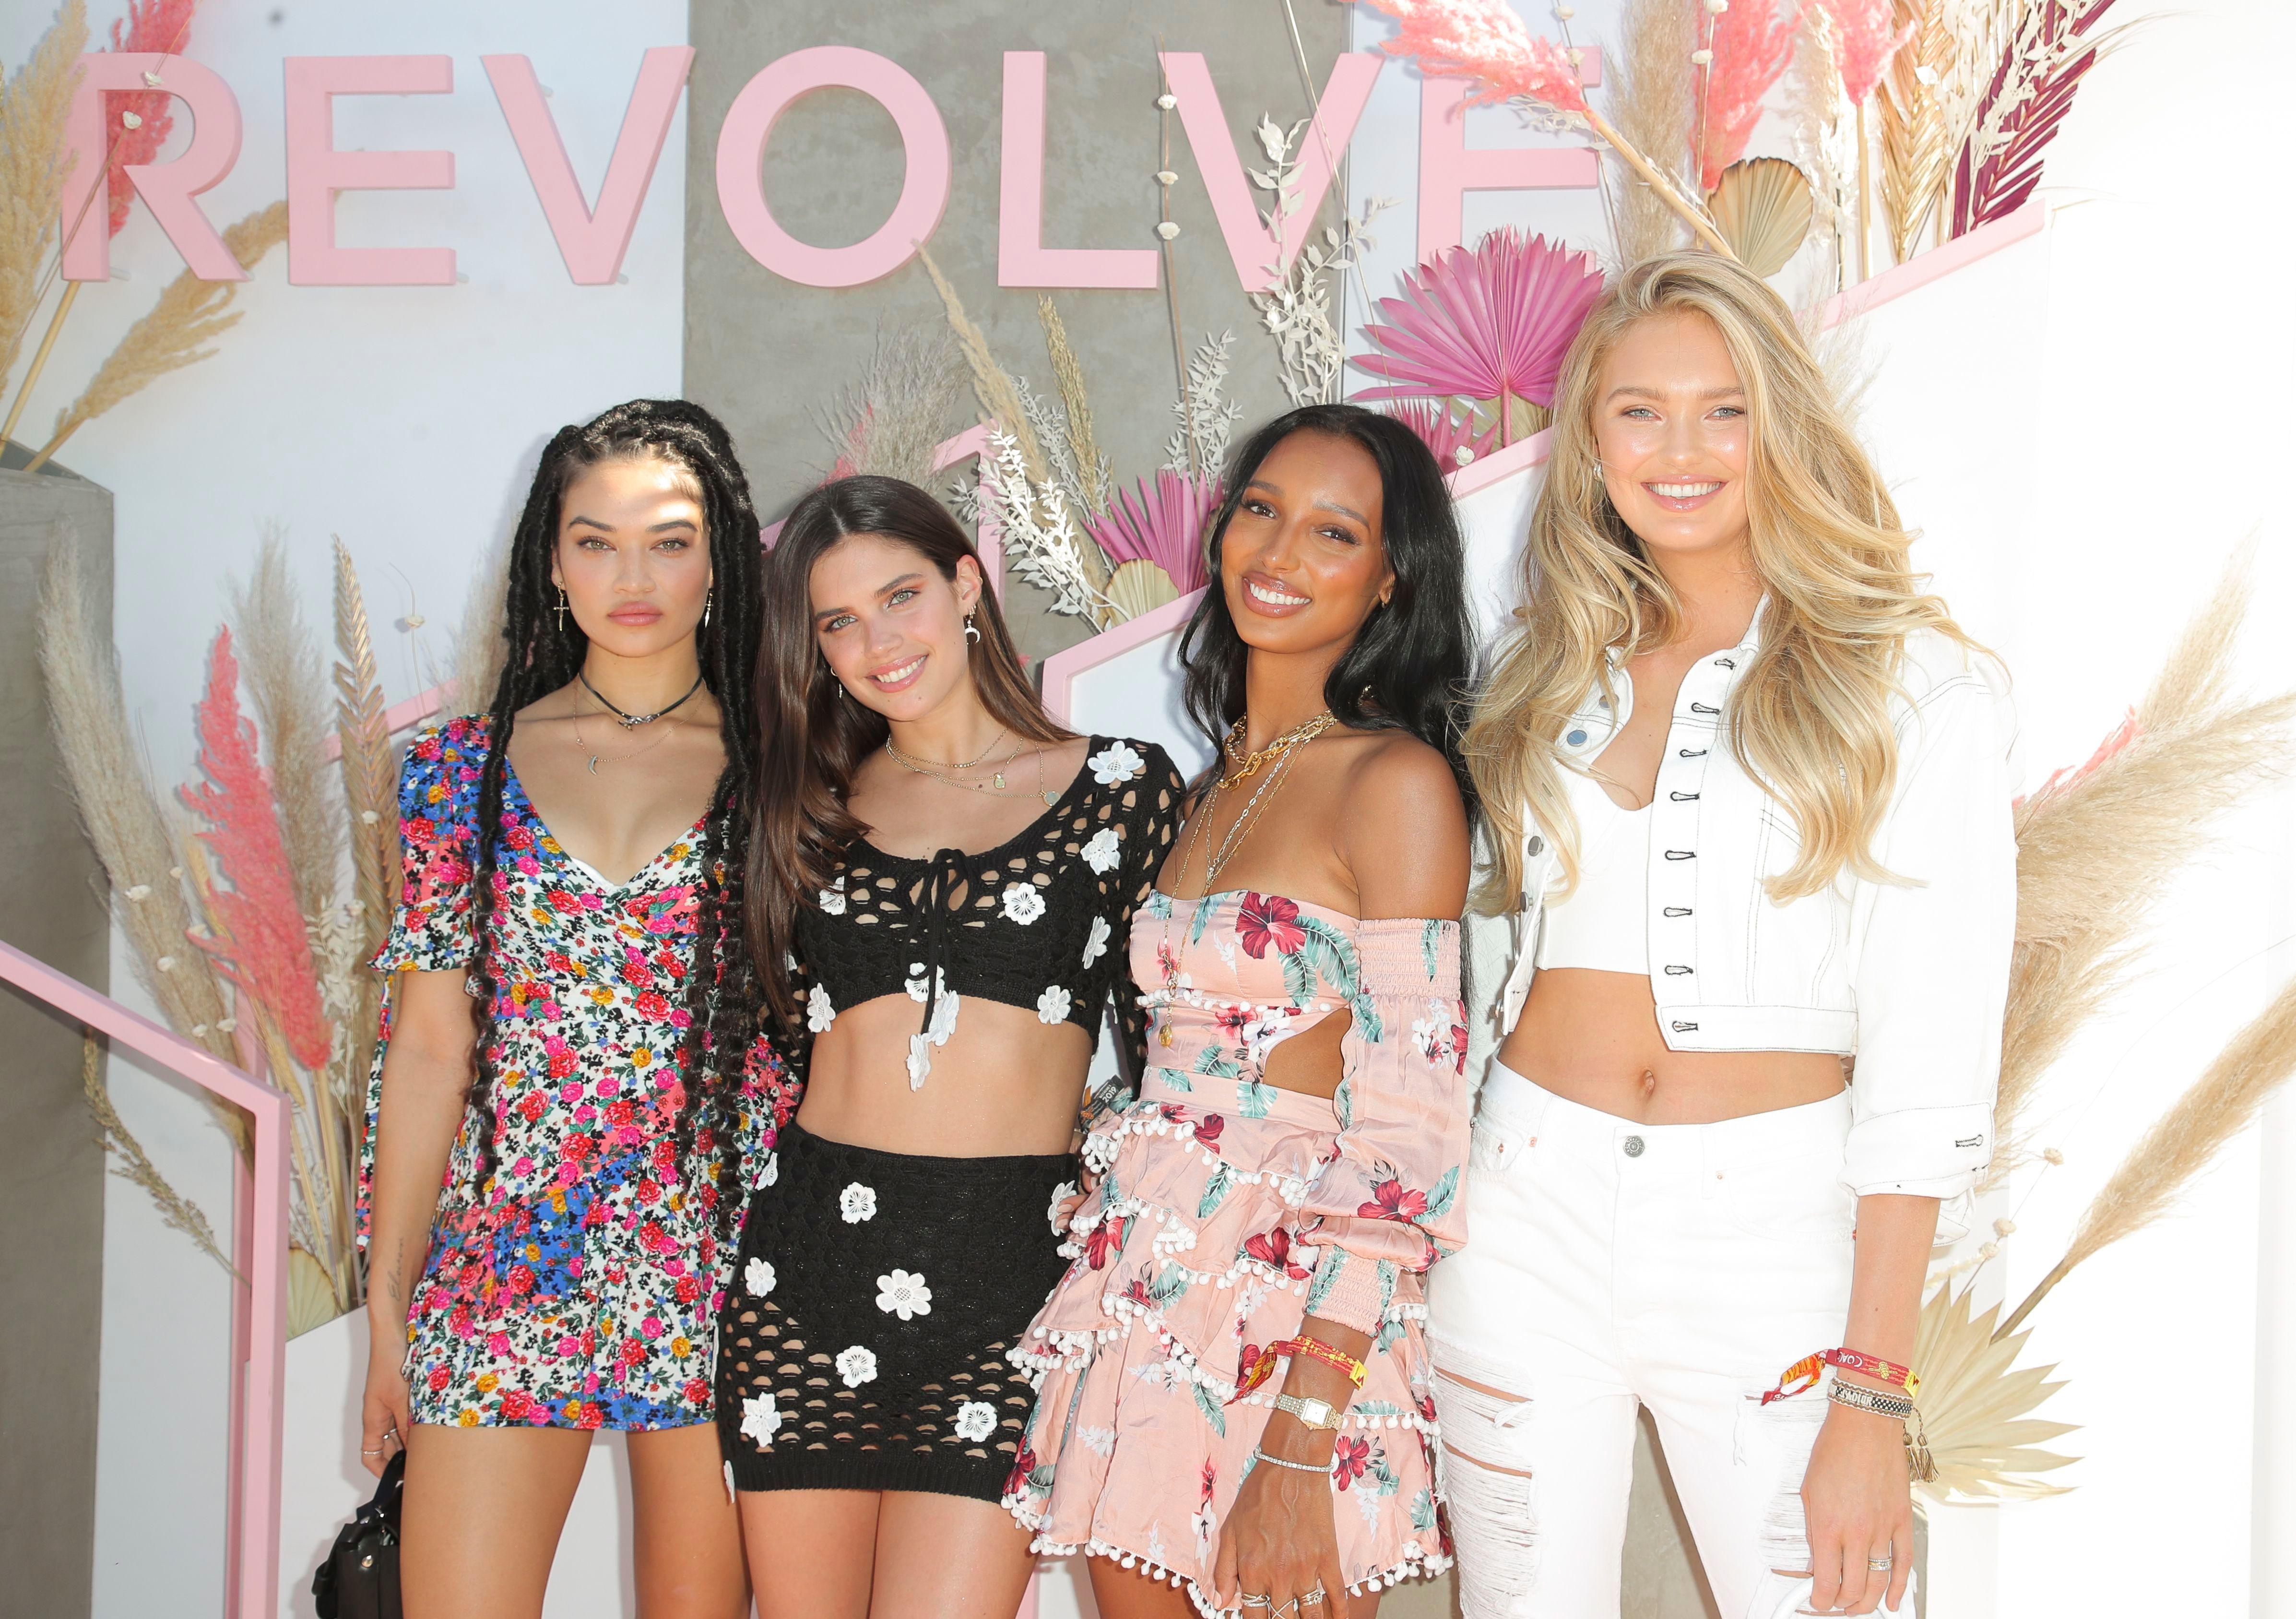 Shanina Shaik, Sara Sampaio, Jasmine Tookes and Romee Strijd